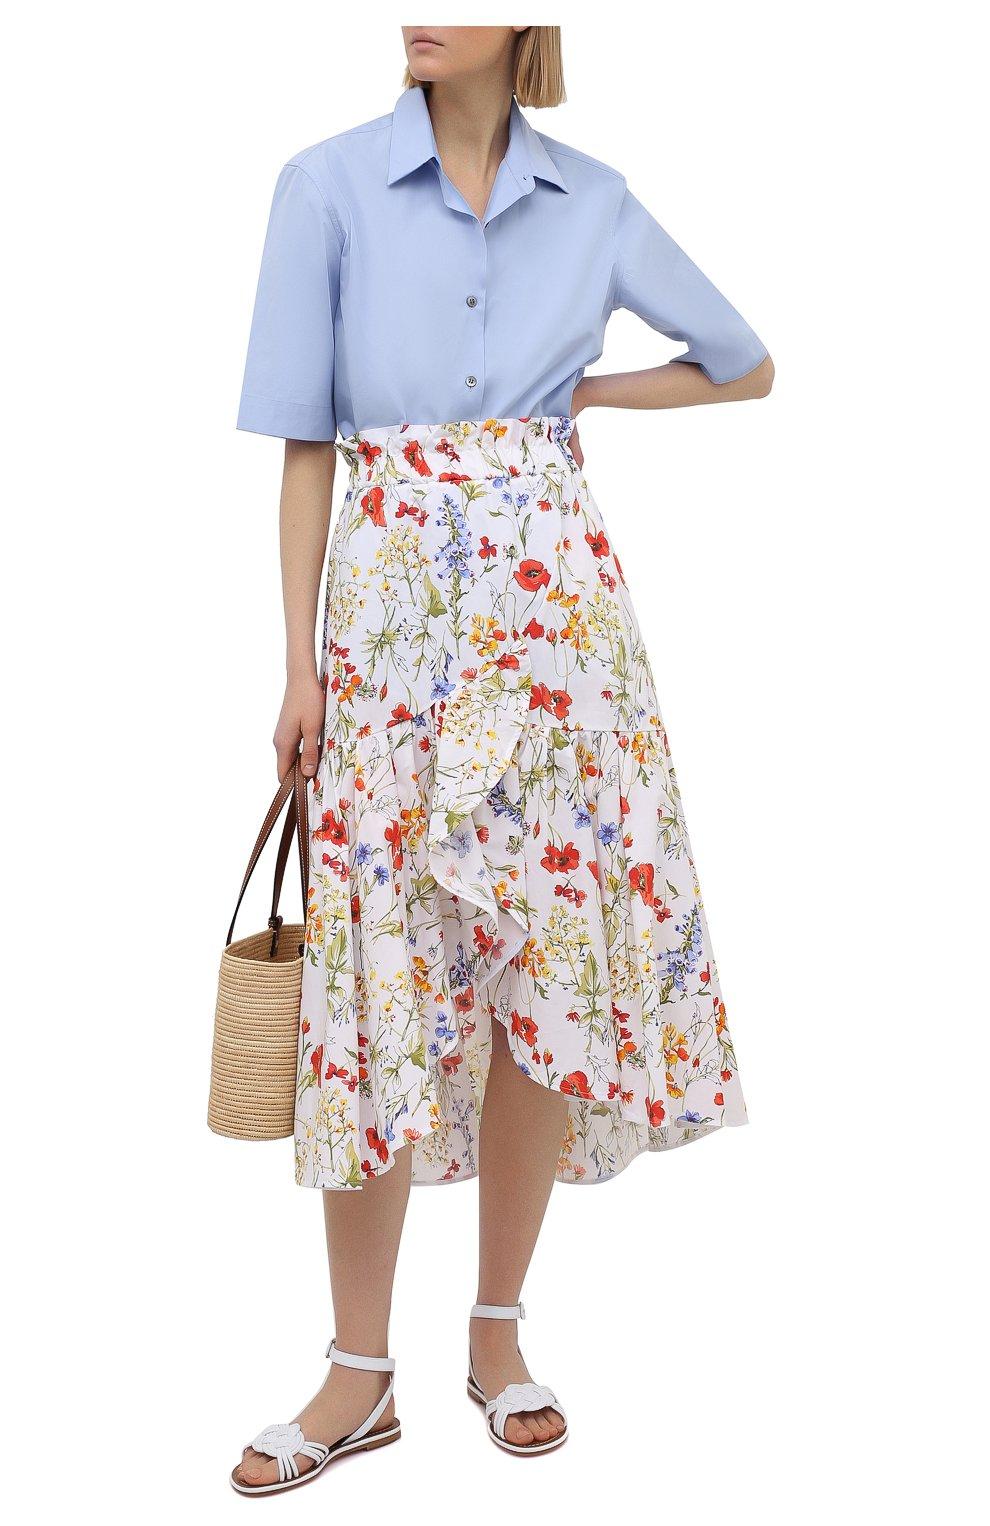 Женская хлопковая юбка SARA ROKA разноцветного цвета, арт. R0SLYN/31-S21   Фото 2 (Женское Кросс-КТ: Юбка-одежда; Материал внешний: Хлопок; Длина Ж (юбки, платья, шорты): Миди; Стили: Бохо)